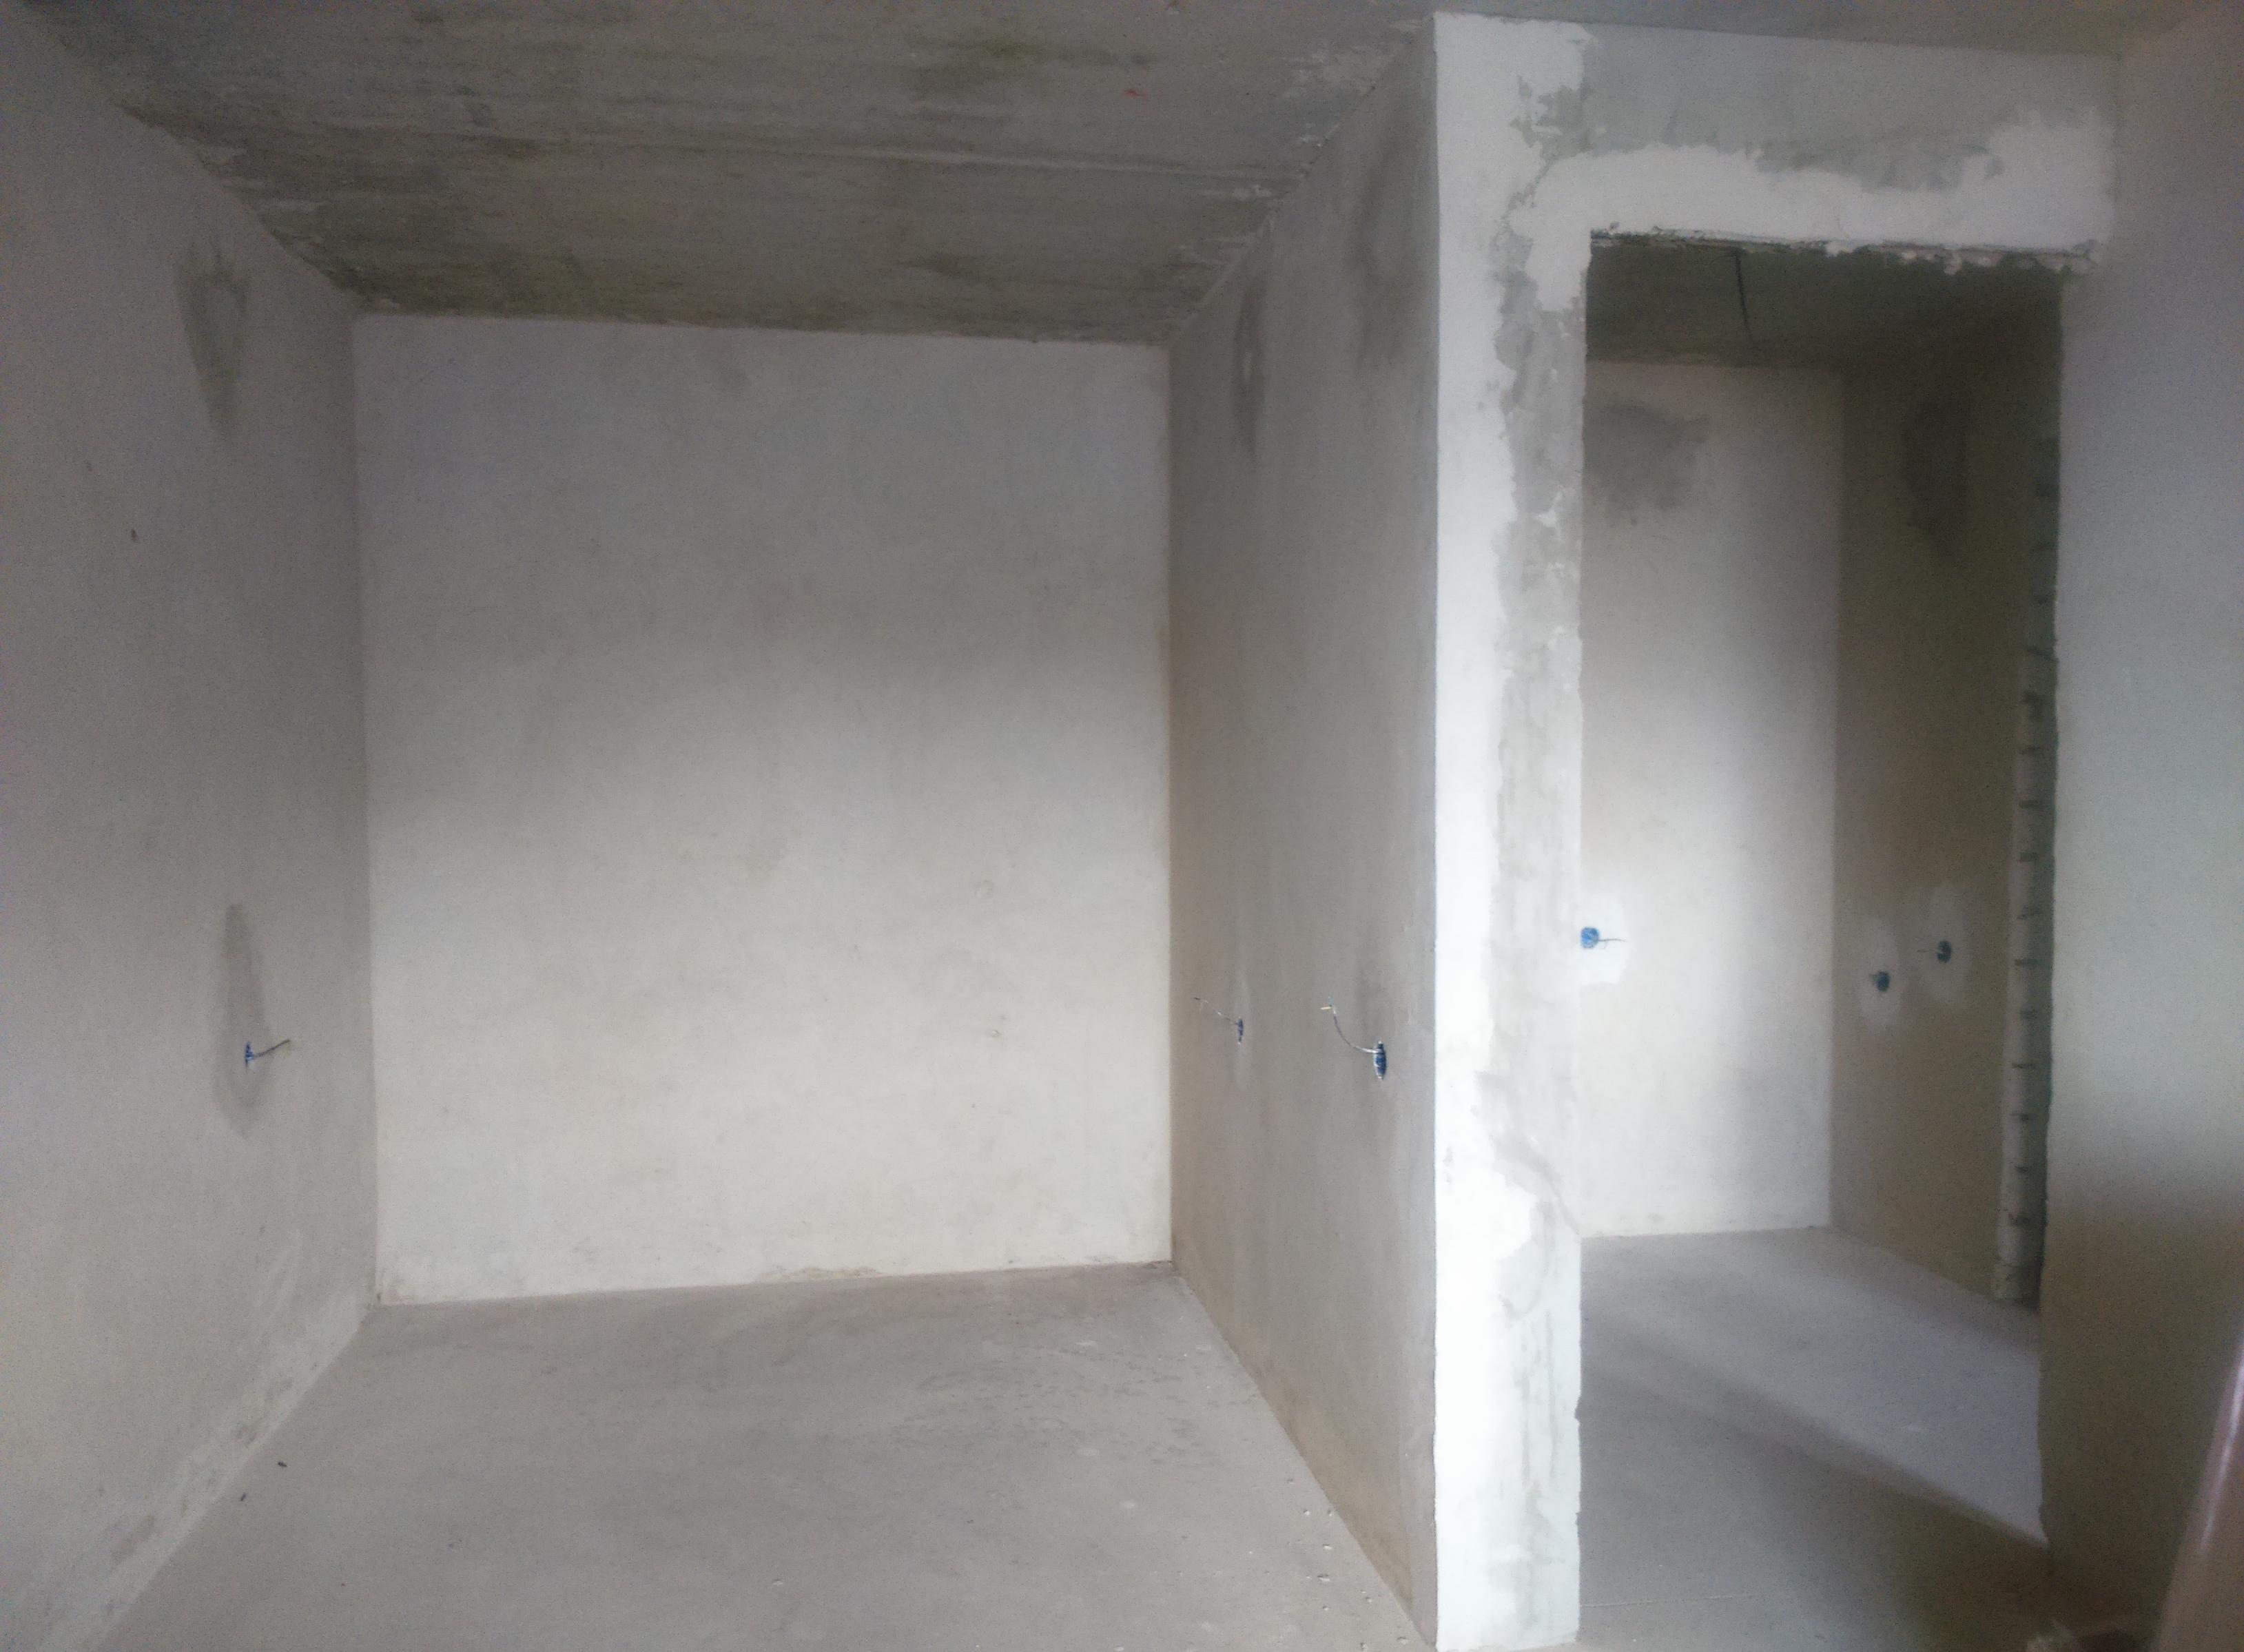 1-к квартира | Краснодар, Морская, р-н ФМР, 47 фото - 1